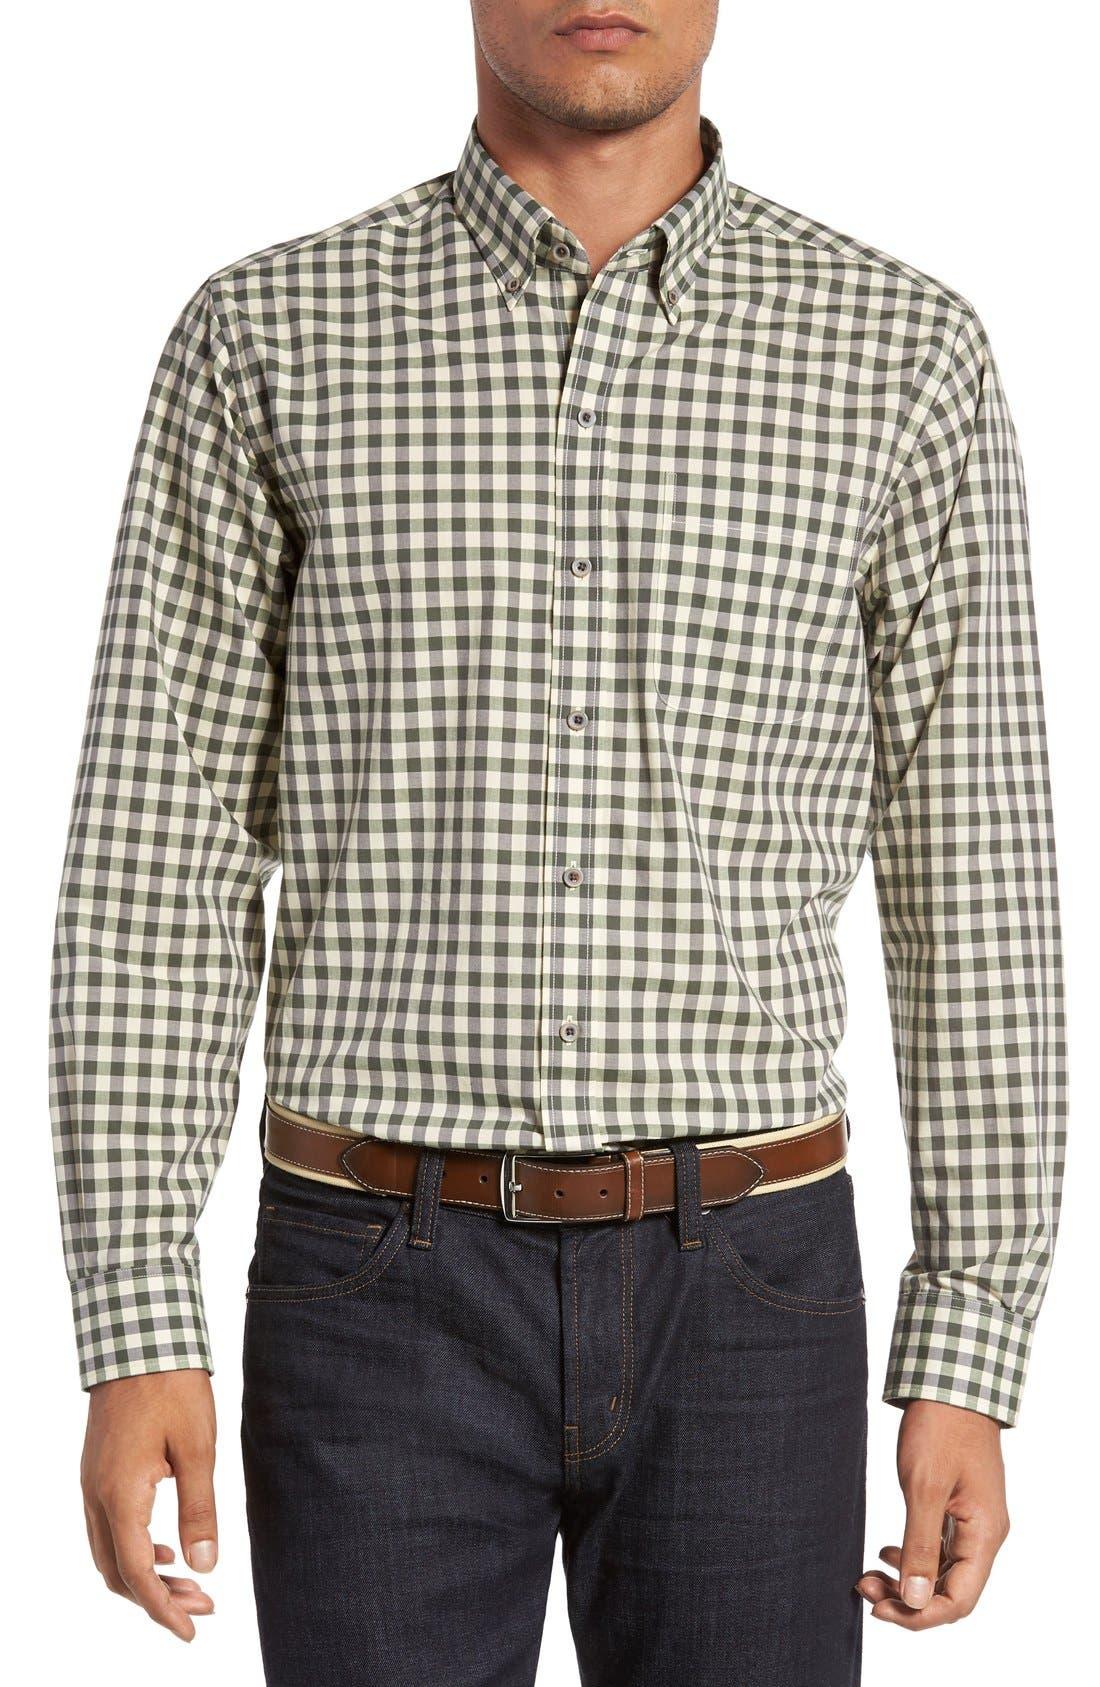 Cutter & Buck 'Wildwood' Regular Fit Check Sport Shirt (Big & Tall)